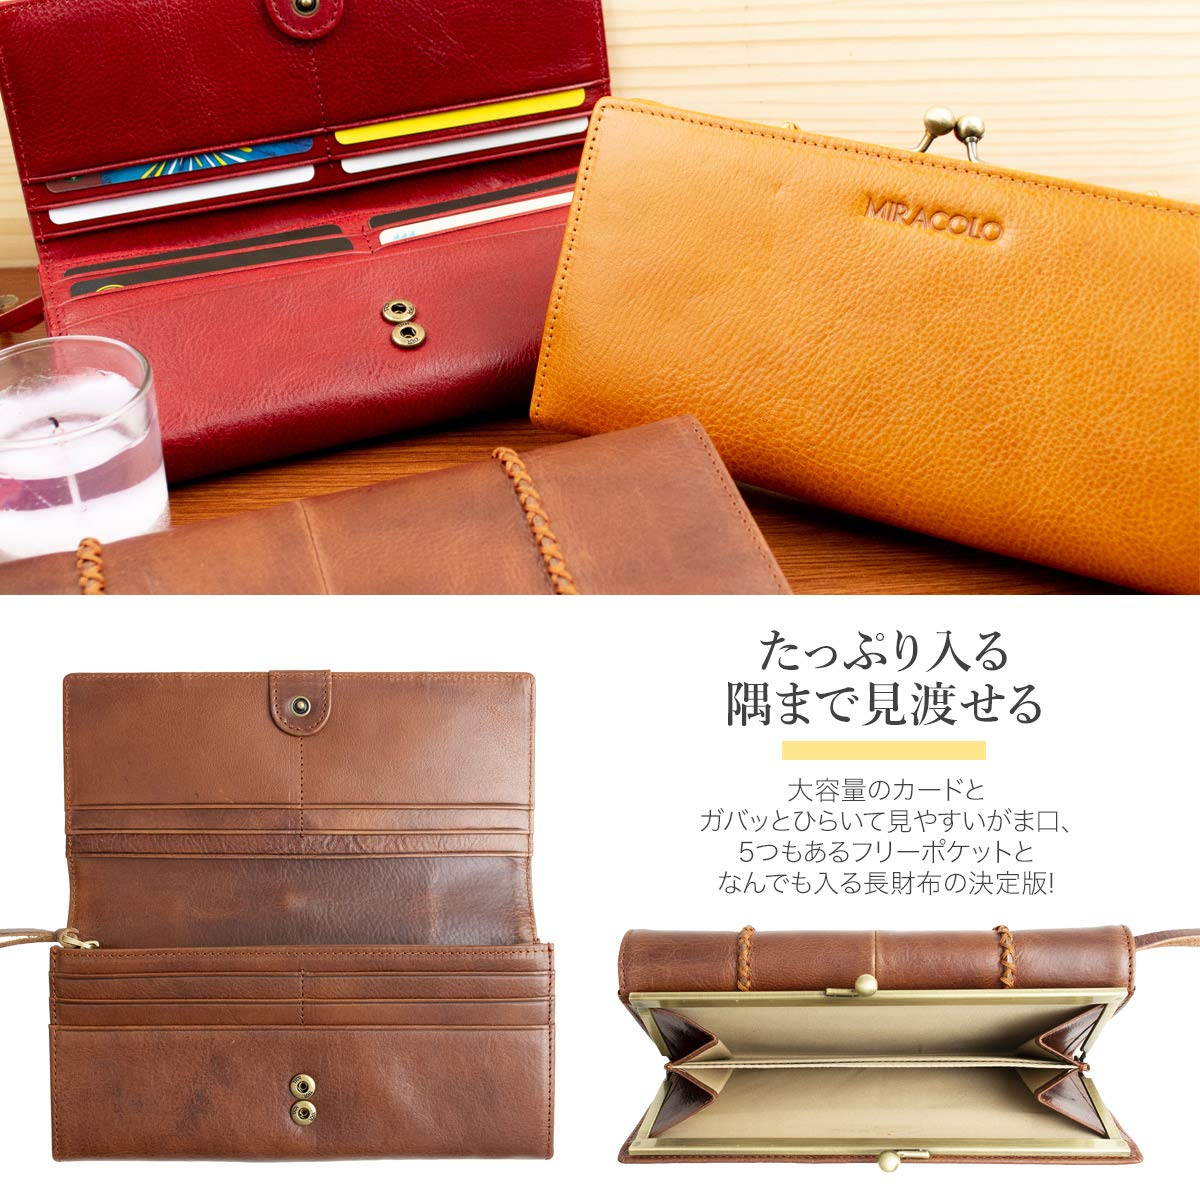 336defd45b6d Amazon   MIRACOLO レディース 財布 大容量 長財布 がまぐち 本革 レザー 二つ折り イタリアンレザー 人気 おしゃれ ブラウン    財布